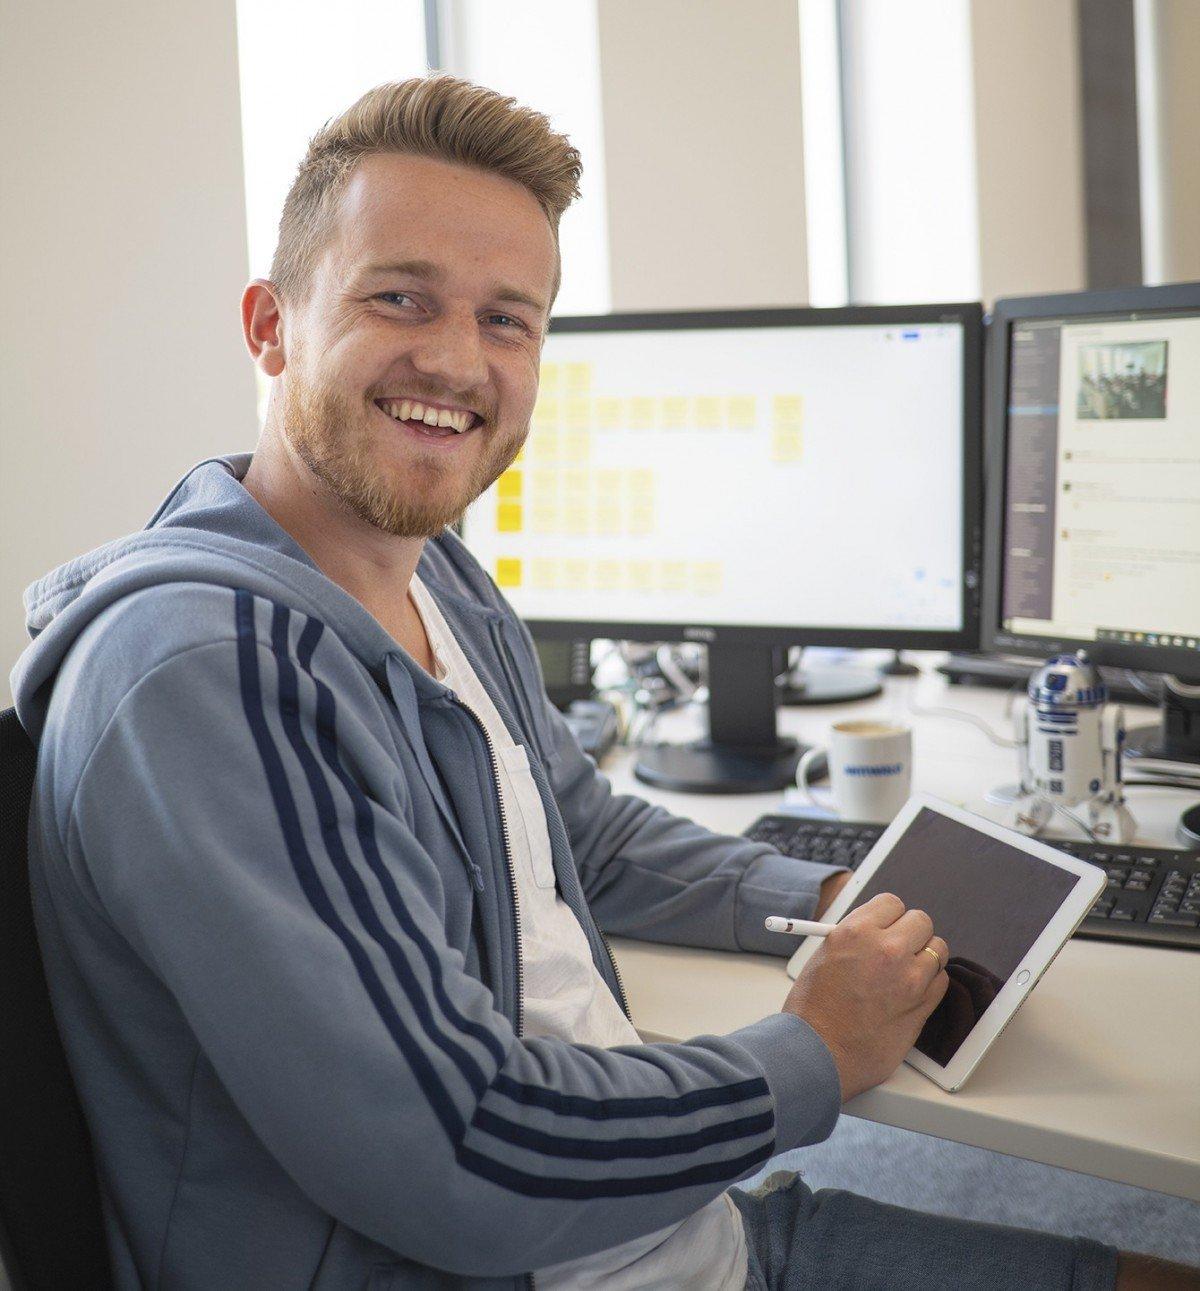 Daniel ist Website Experience Owner bei Mittwald und somit u.a. für die UX auf mittwald.de zuständig.